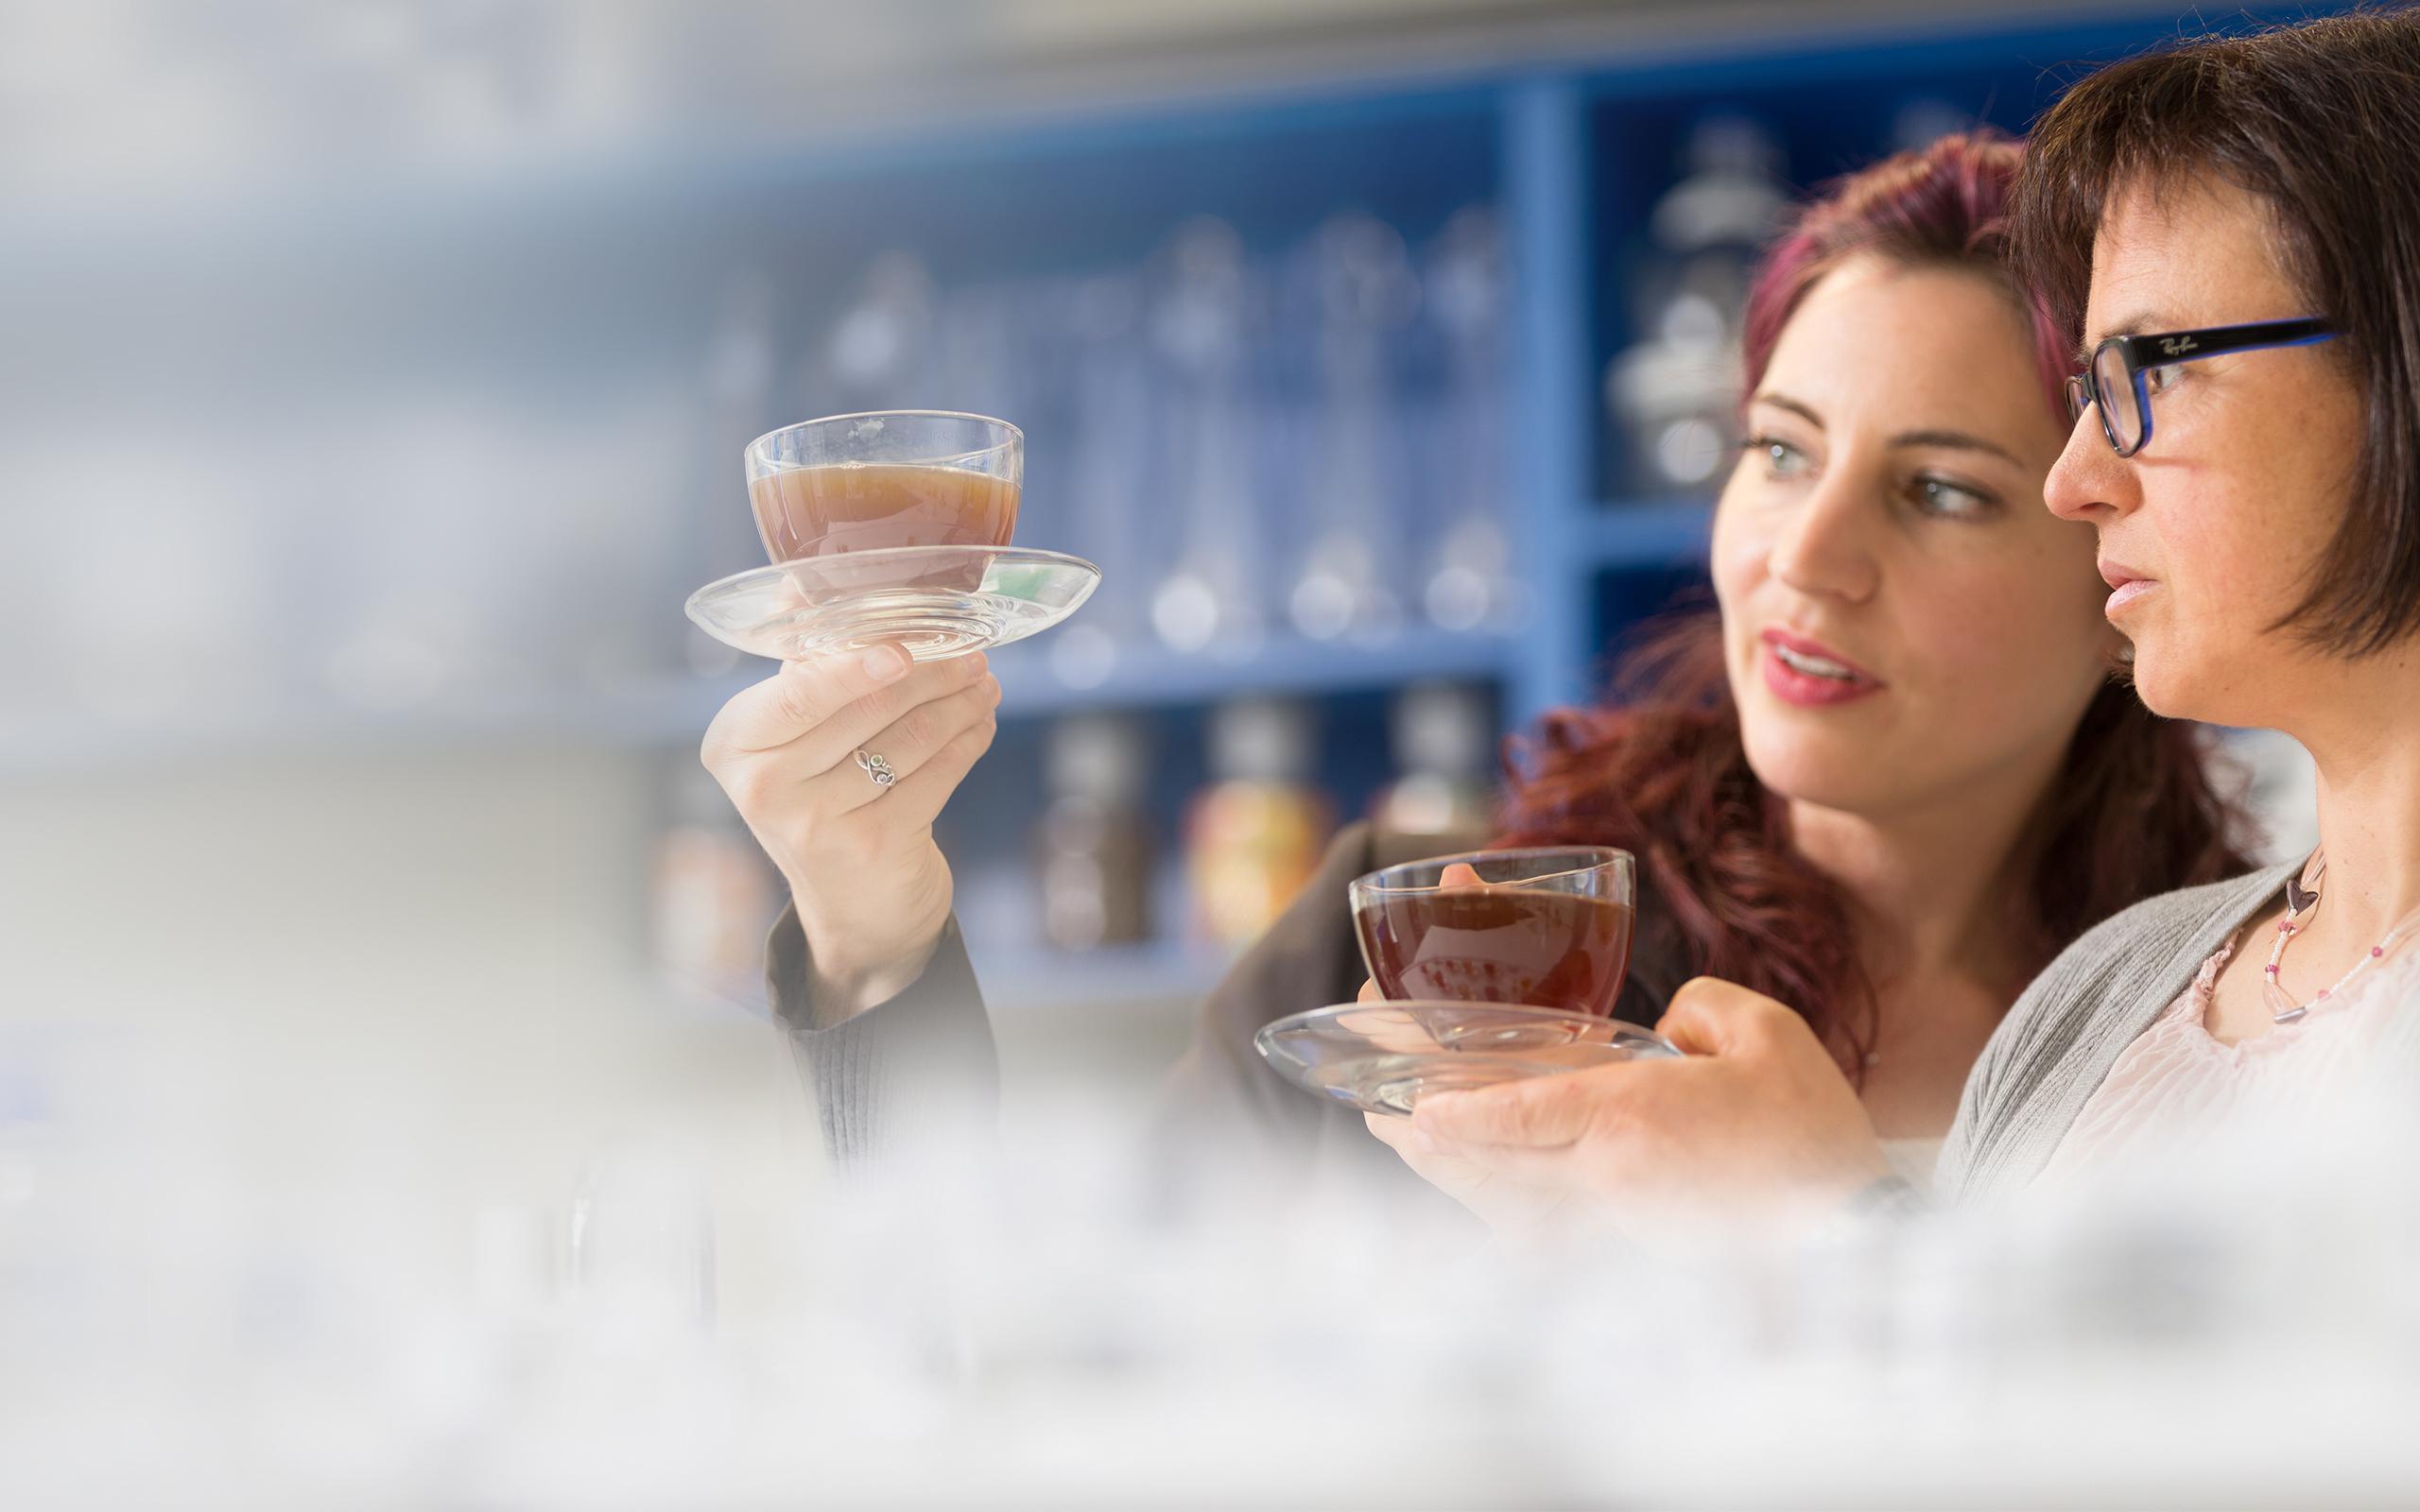 BRITA sensorisch lab smaak testteam